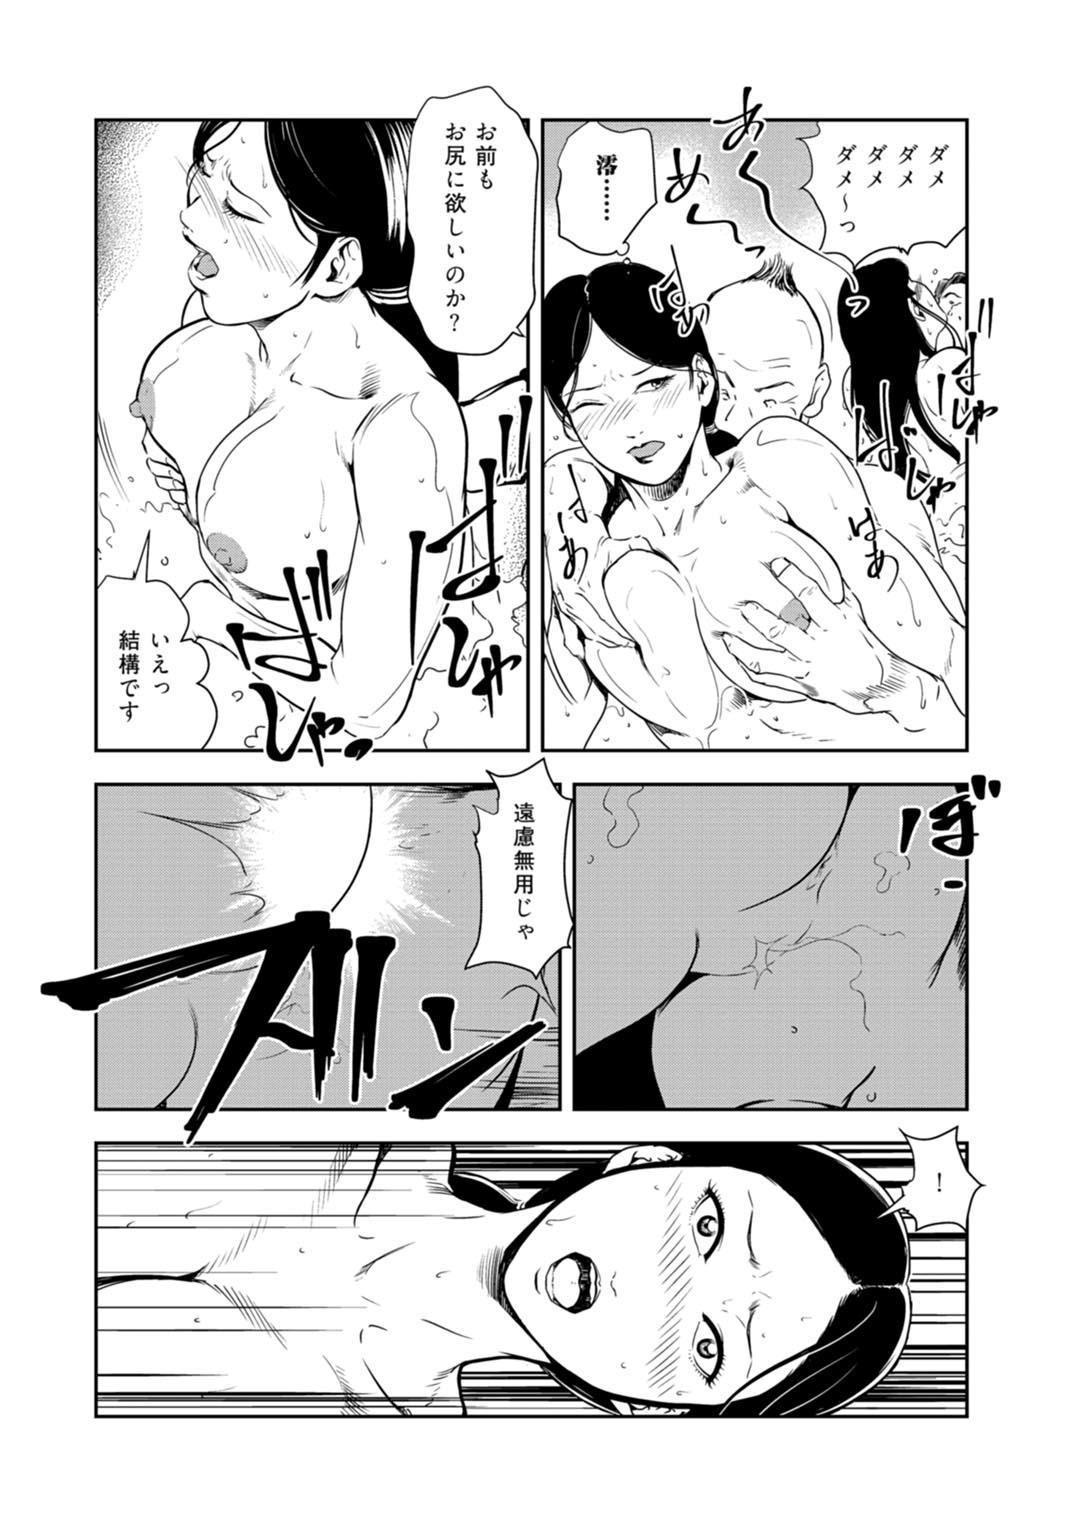 Nikuhisyo Yukiko 33 68